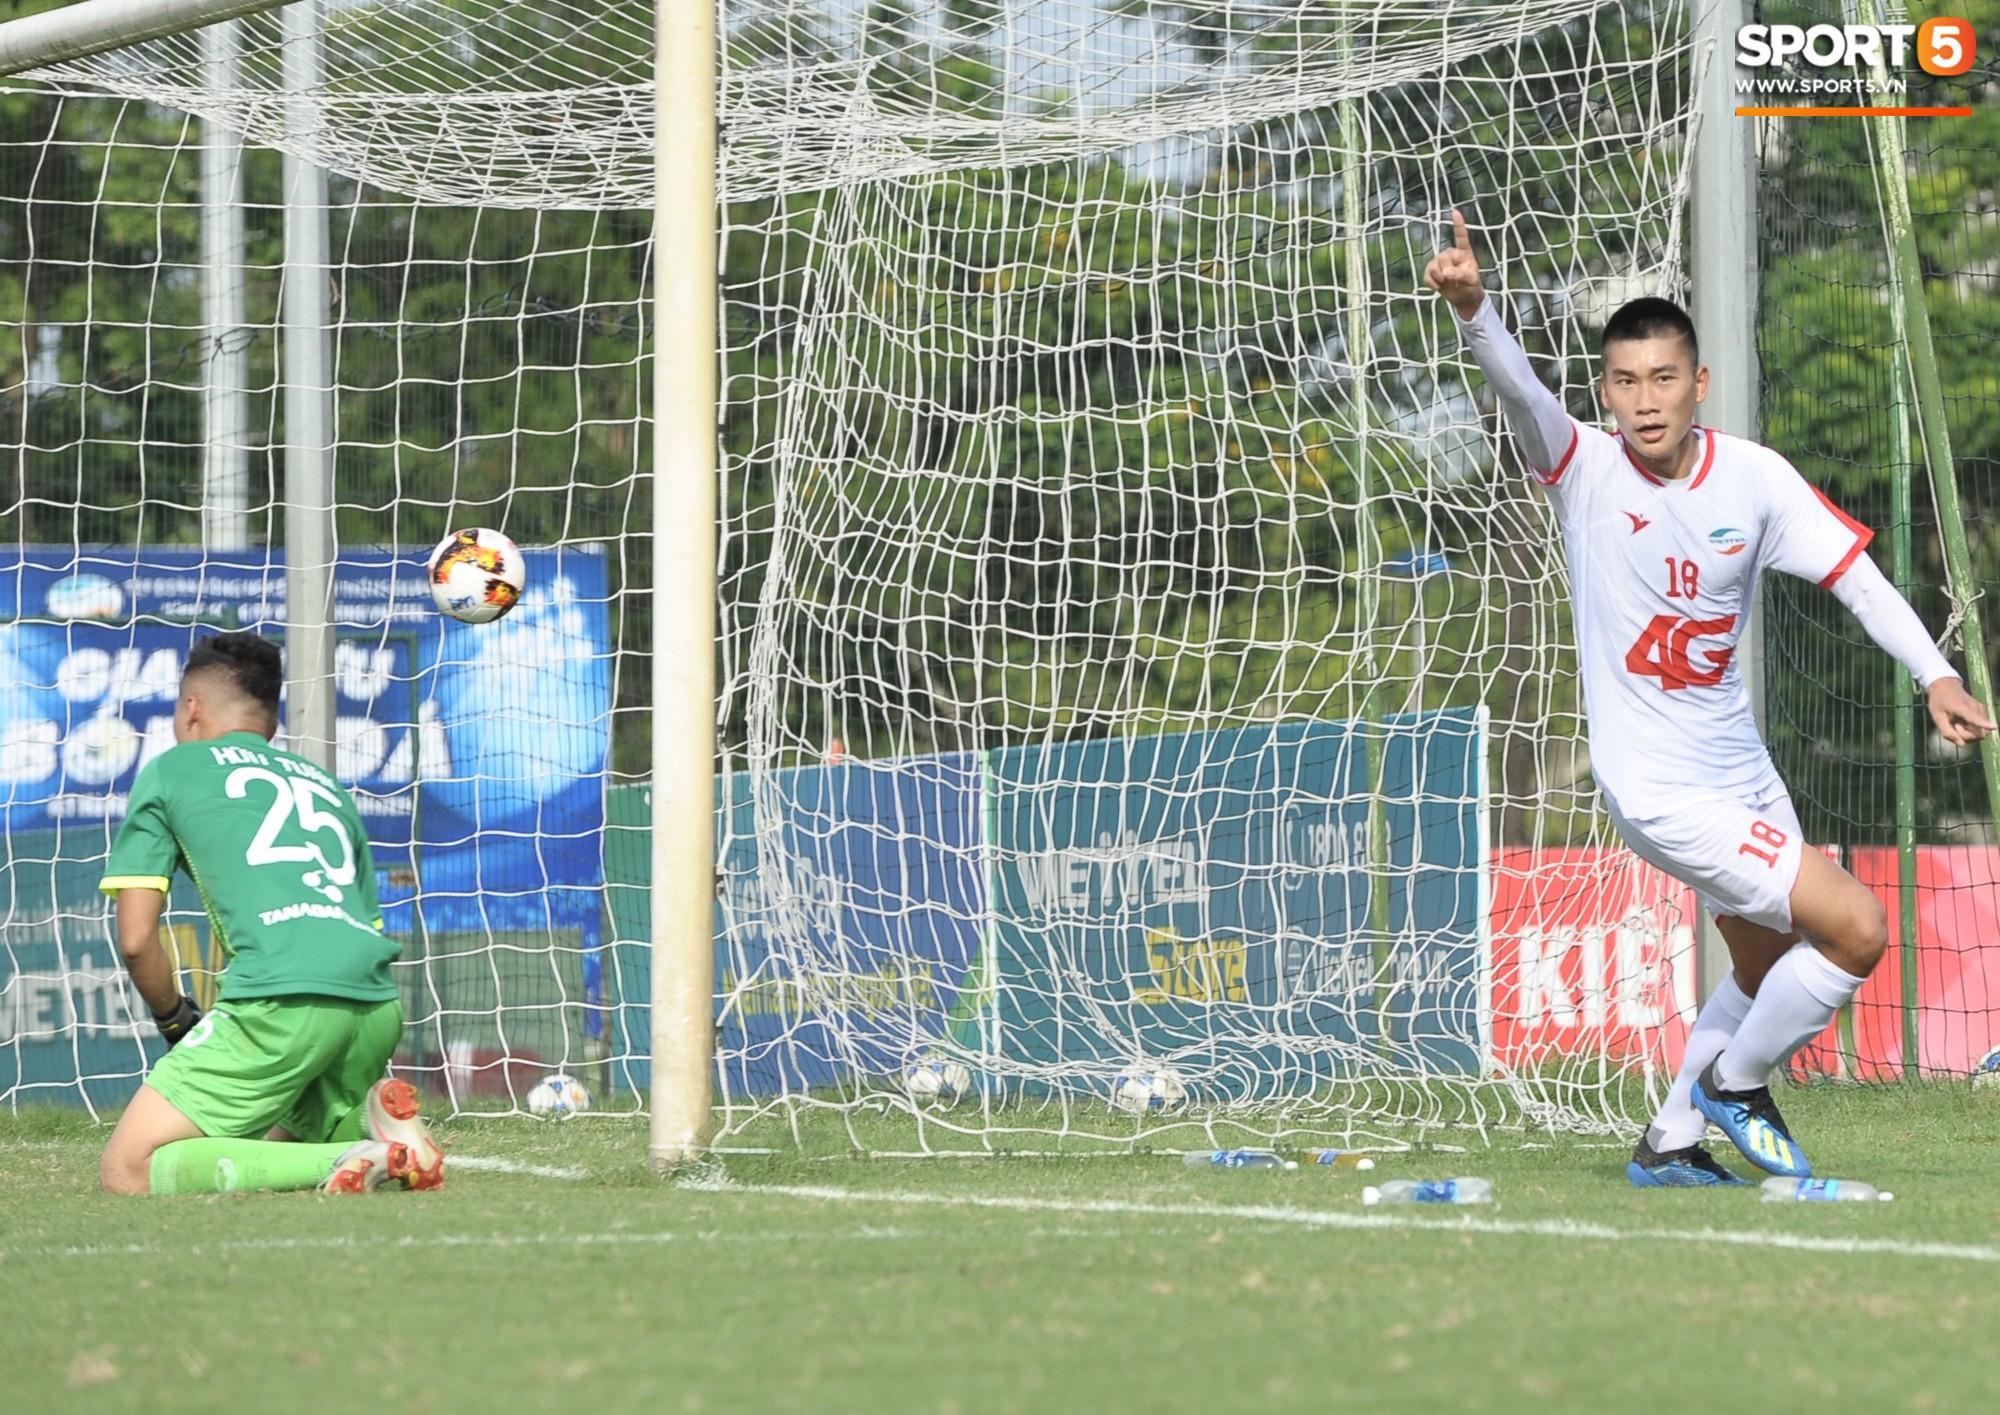 Sao trẻ U23 lập công, Viettel để Phố Hiến cầm hòa 1-1 trong ngày khai mạc giải U21 Quốc gia - Ảnh 7.